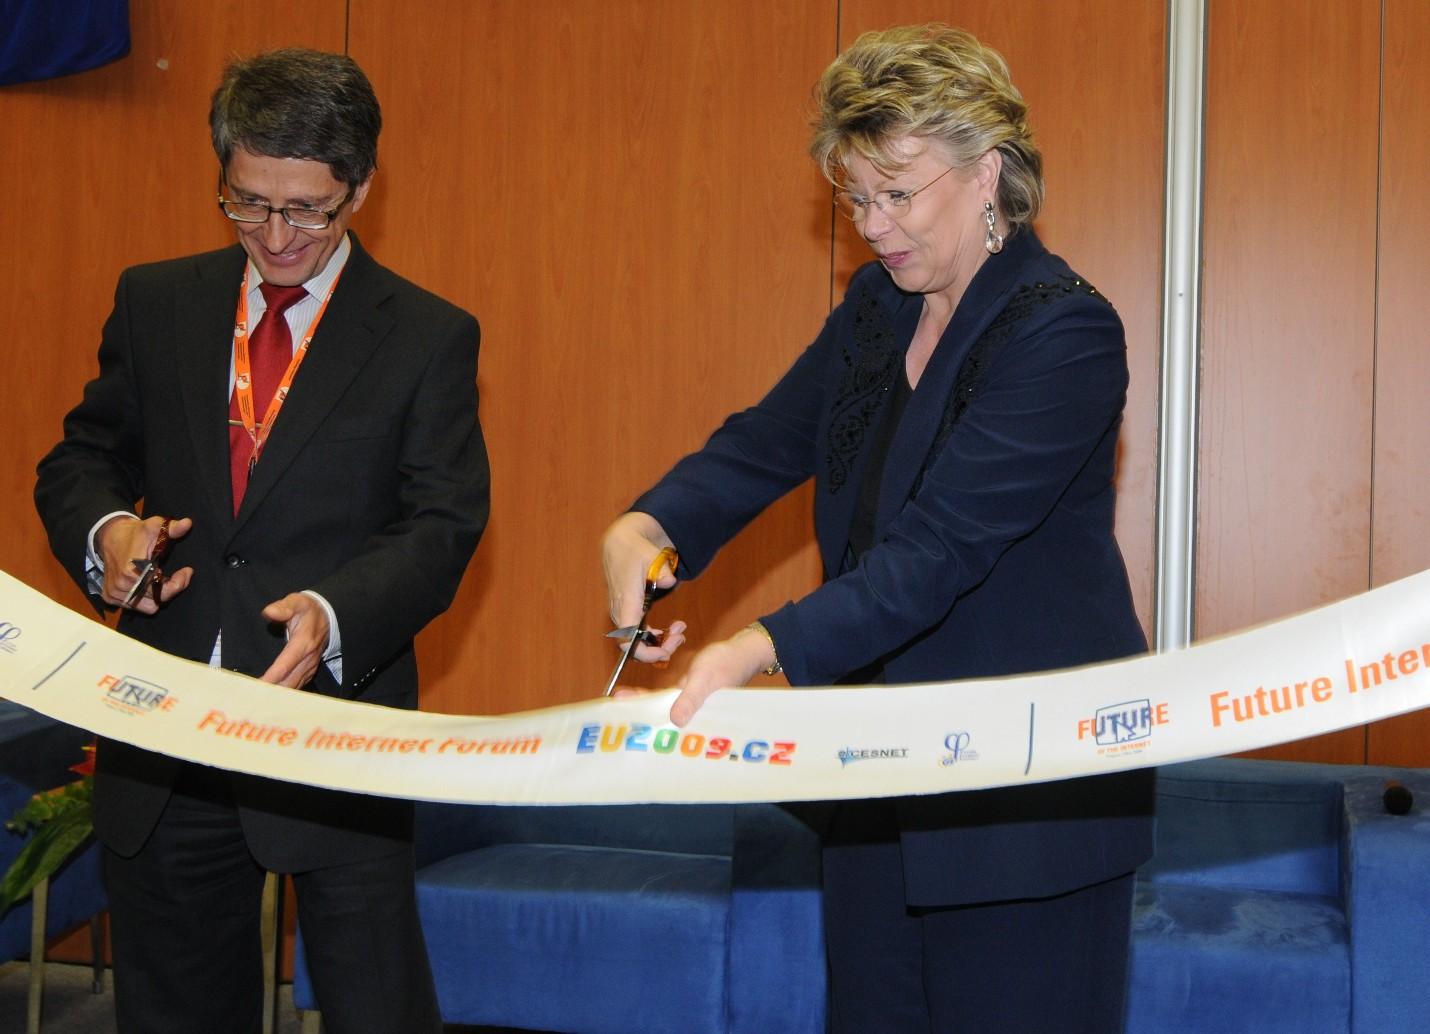 Obr. 1: V. Růžička a V. Redingová při slavnostním spuštění Future Internet Forum